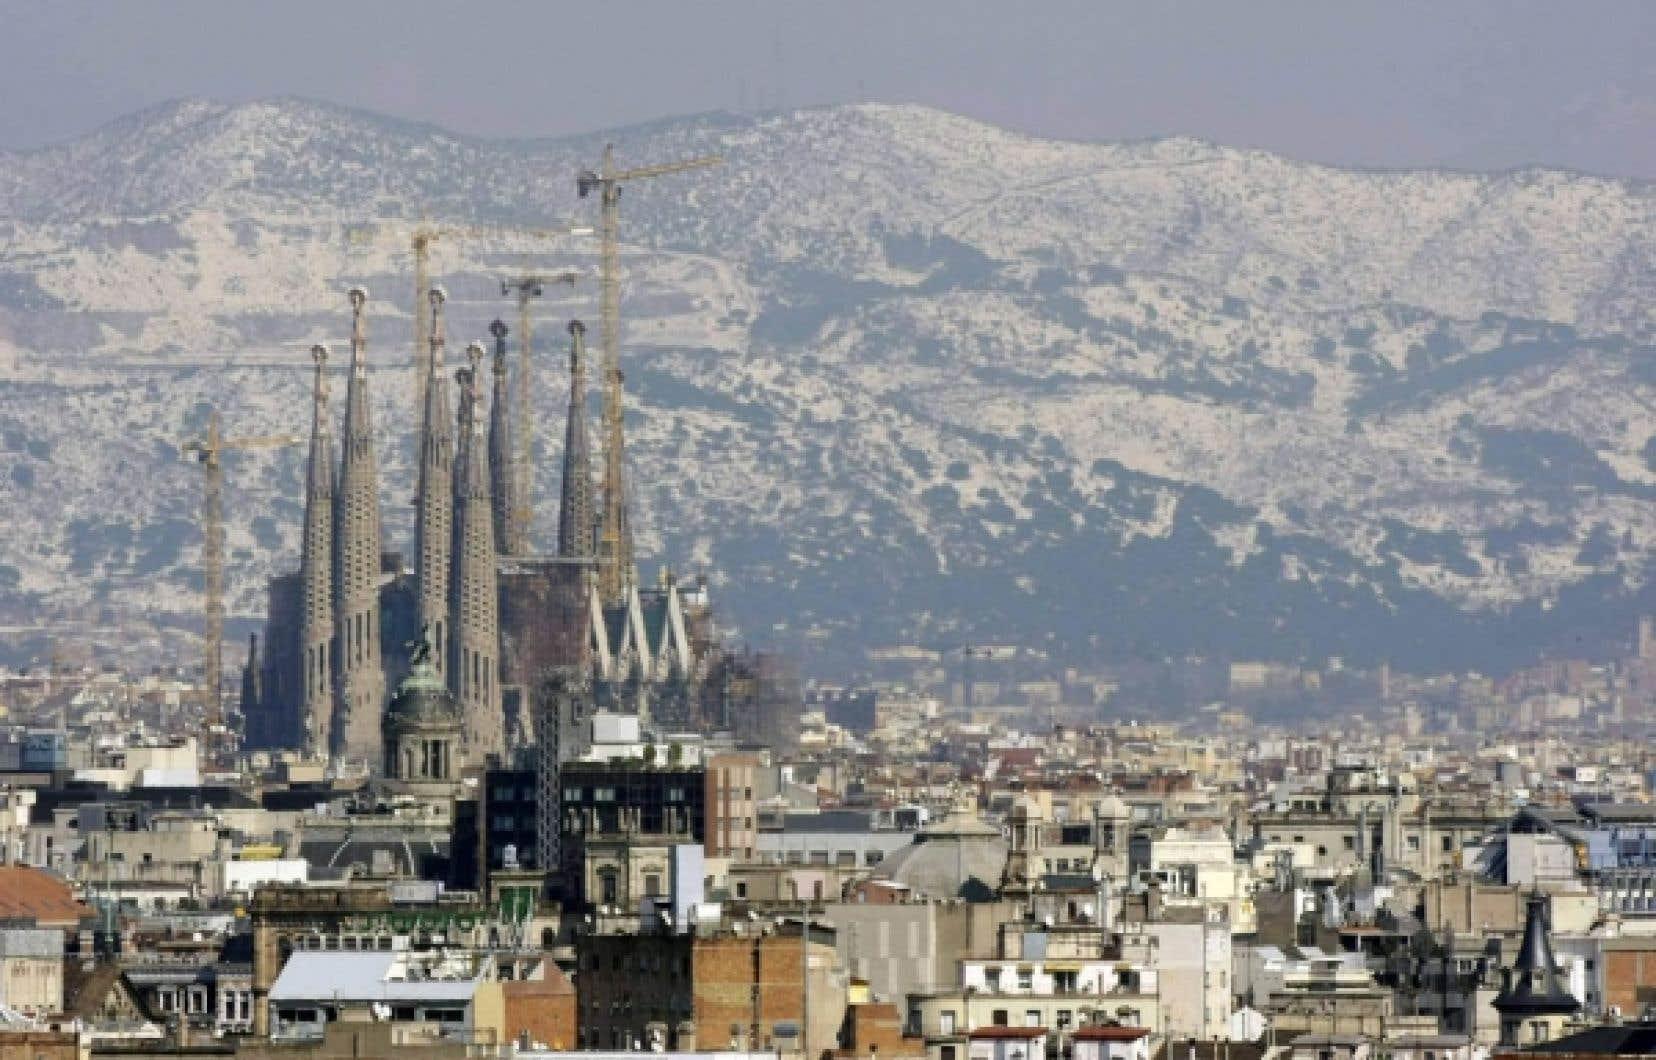 L'église Sagrada Familia de Barcelone, en Espagne, sur fond de montagnes couvertes de neige après une tempête... <br />